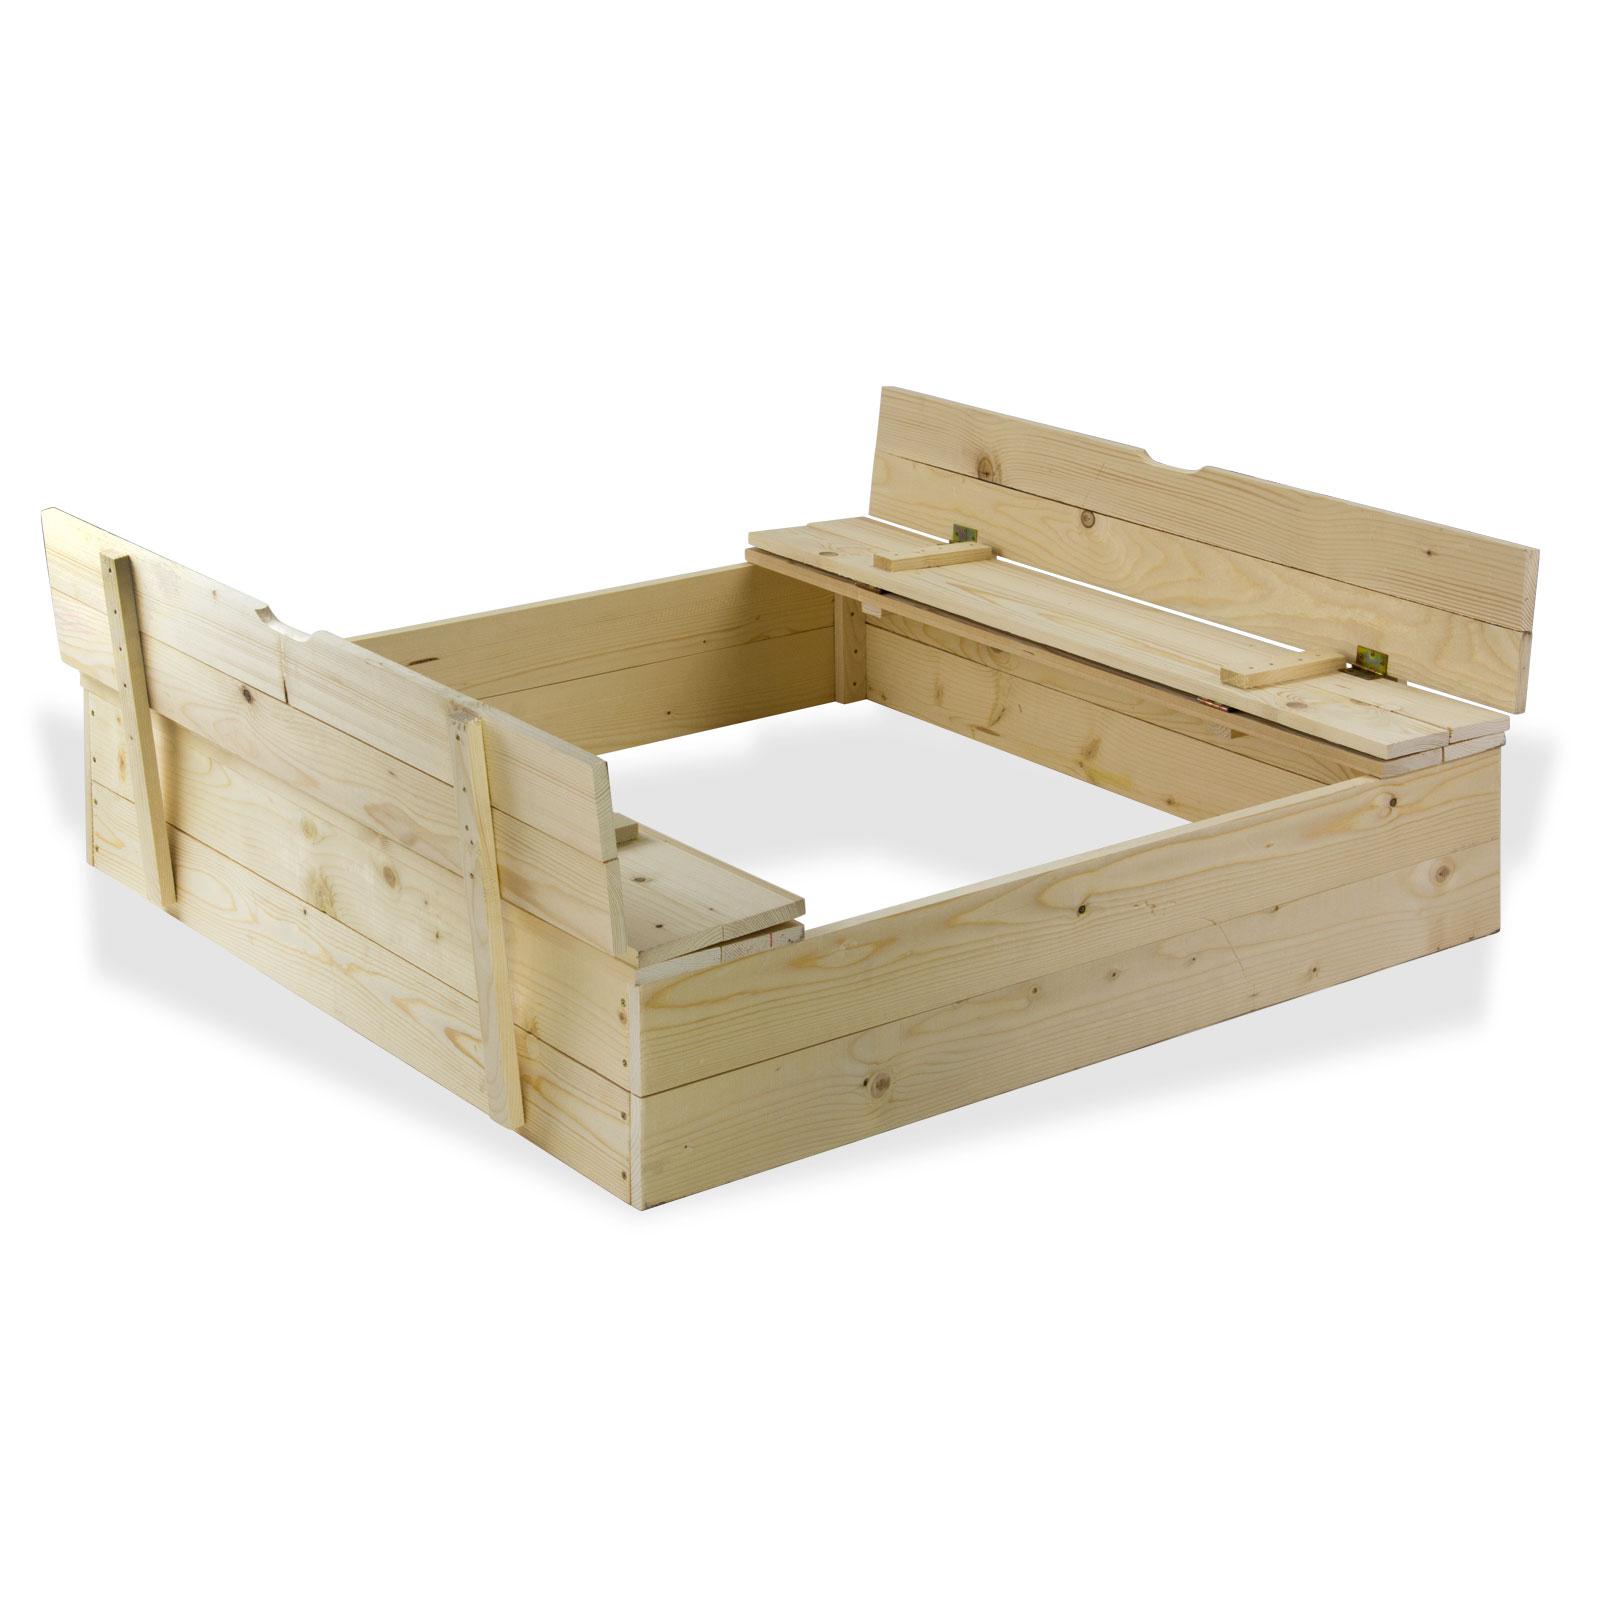 sandkasten mit b nke bank sandkiste aus holz mit deckel buddelkiste neu 17016 ebay. Black Bedroom Furniture Sets. Home Design Ideas